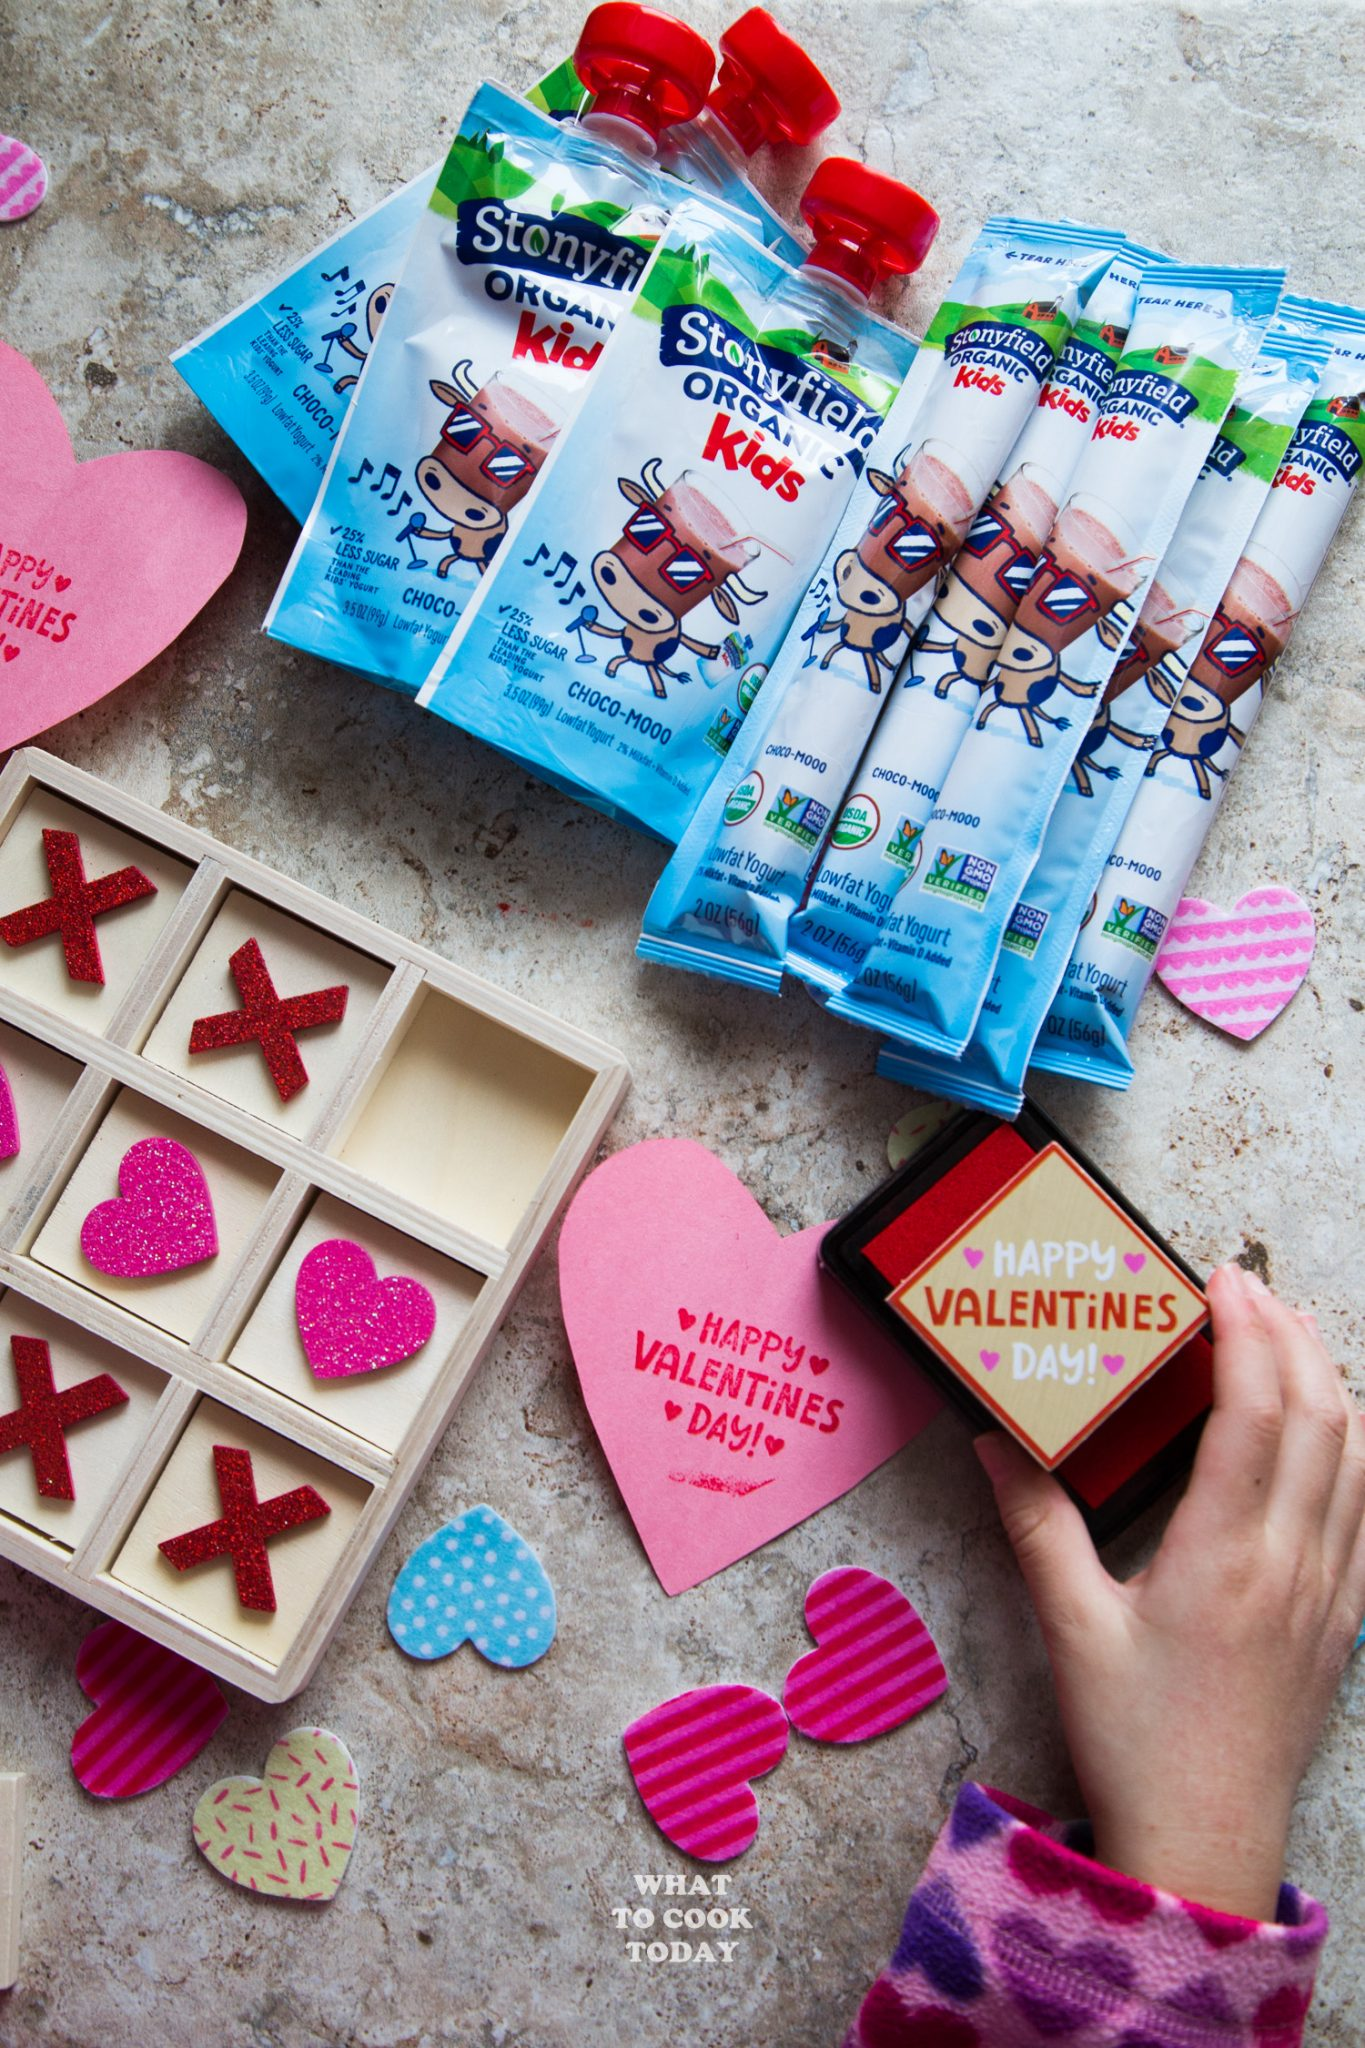 Less Sugar Valentine's Day Treat #ad #StonyfieldKids